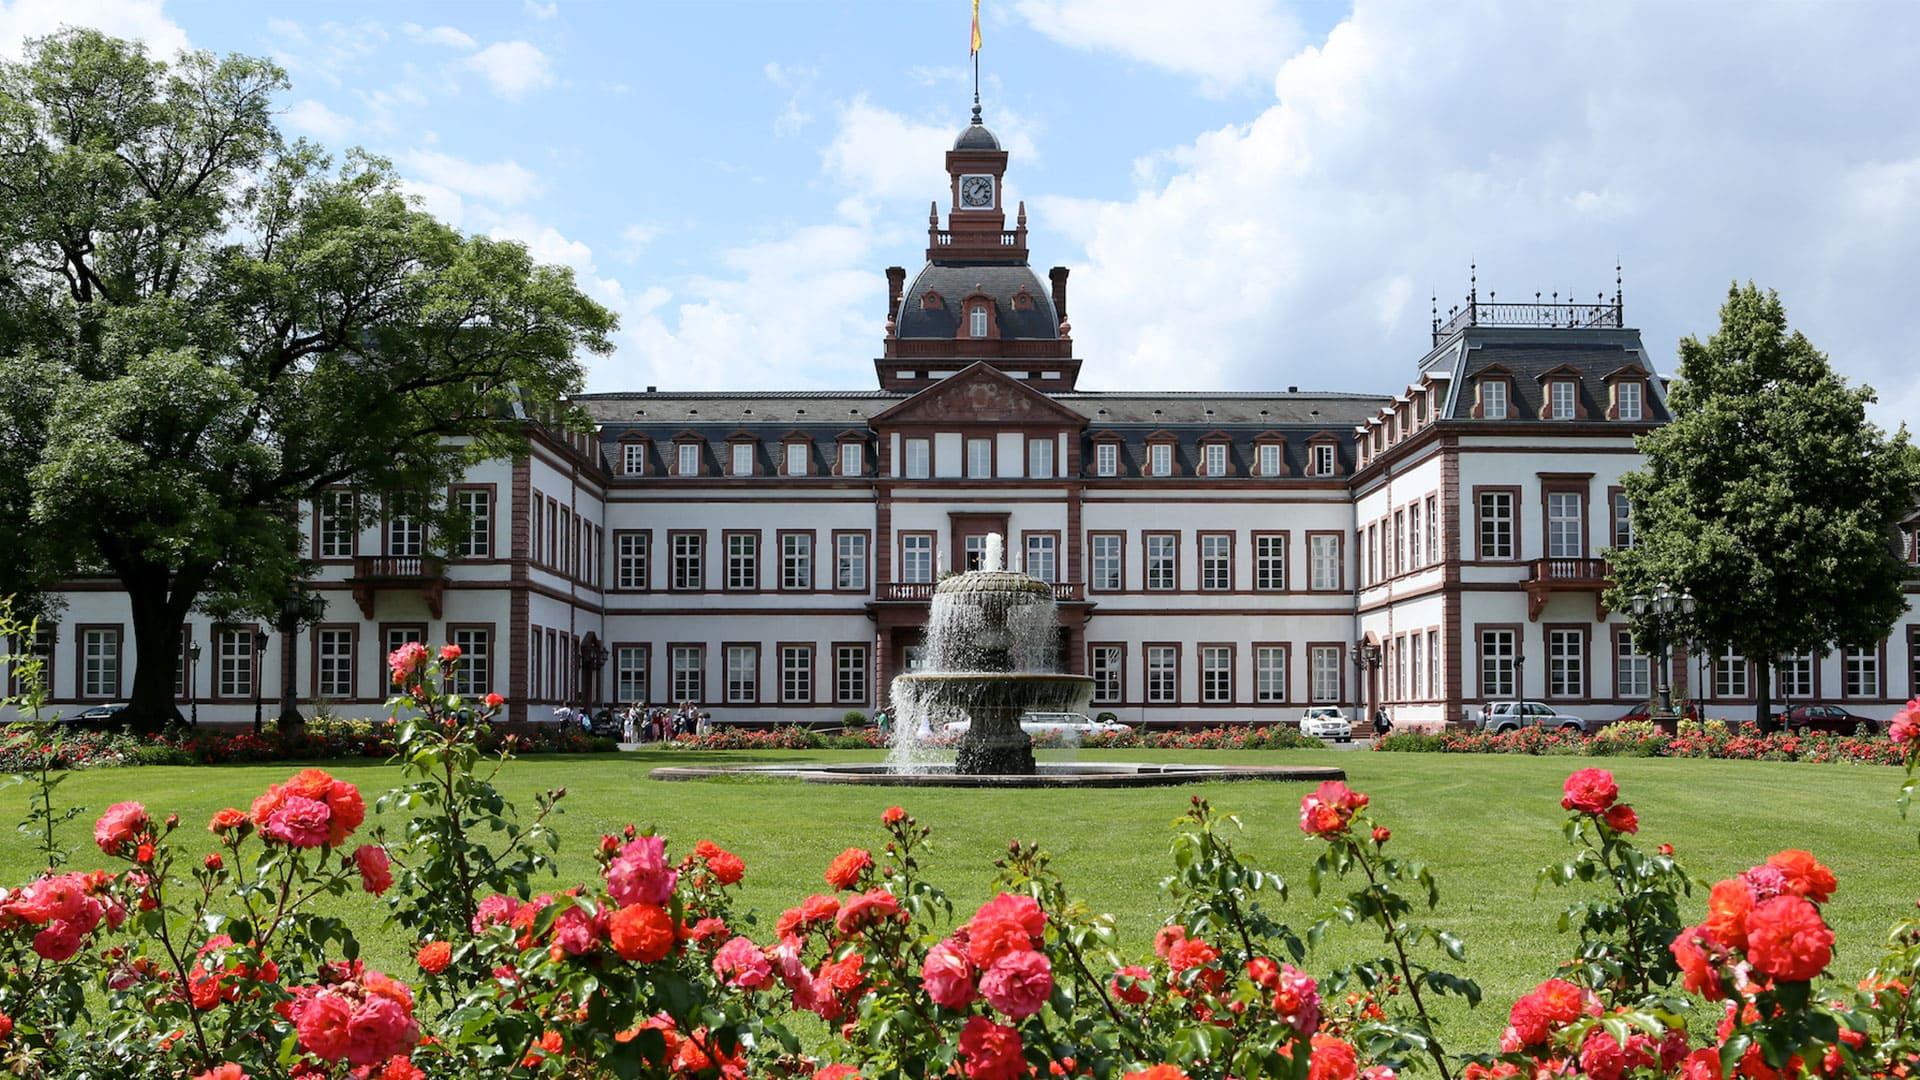 das hochzeits foto schloss philippsruhe bg - Schloss Philippsruhe, Hanau